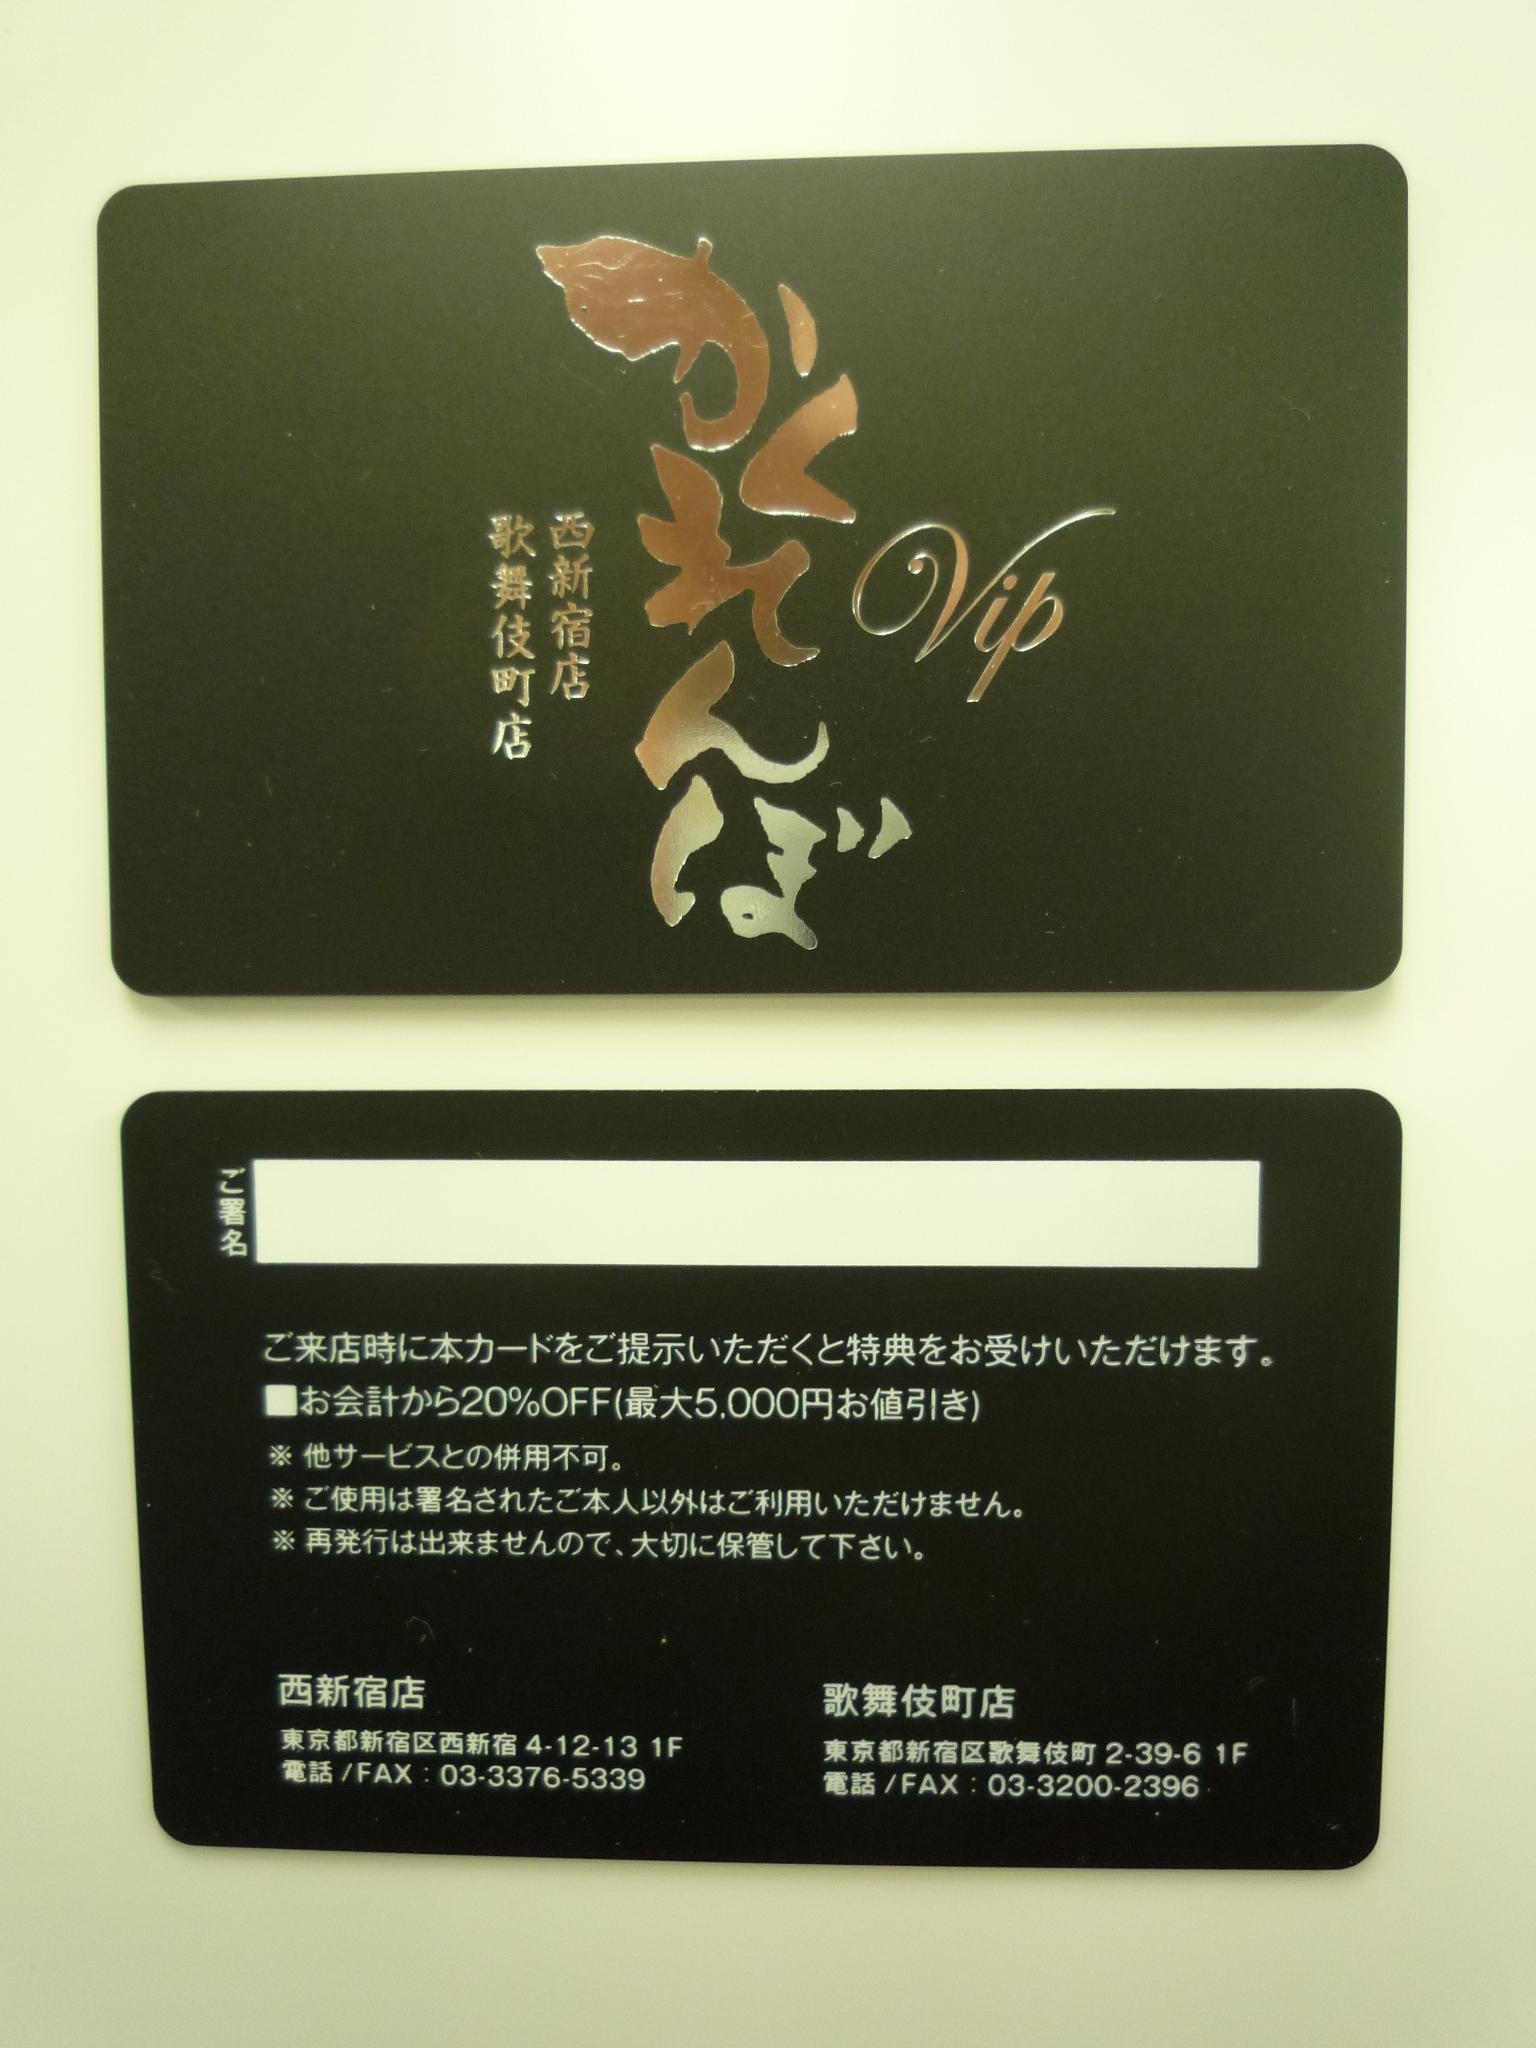 飲食店M 歌舞伎町店 レンダー優待VIPカード